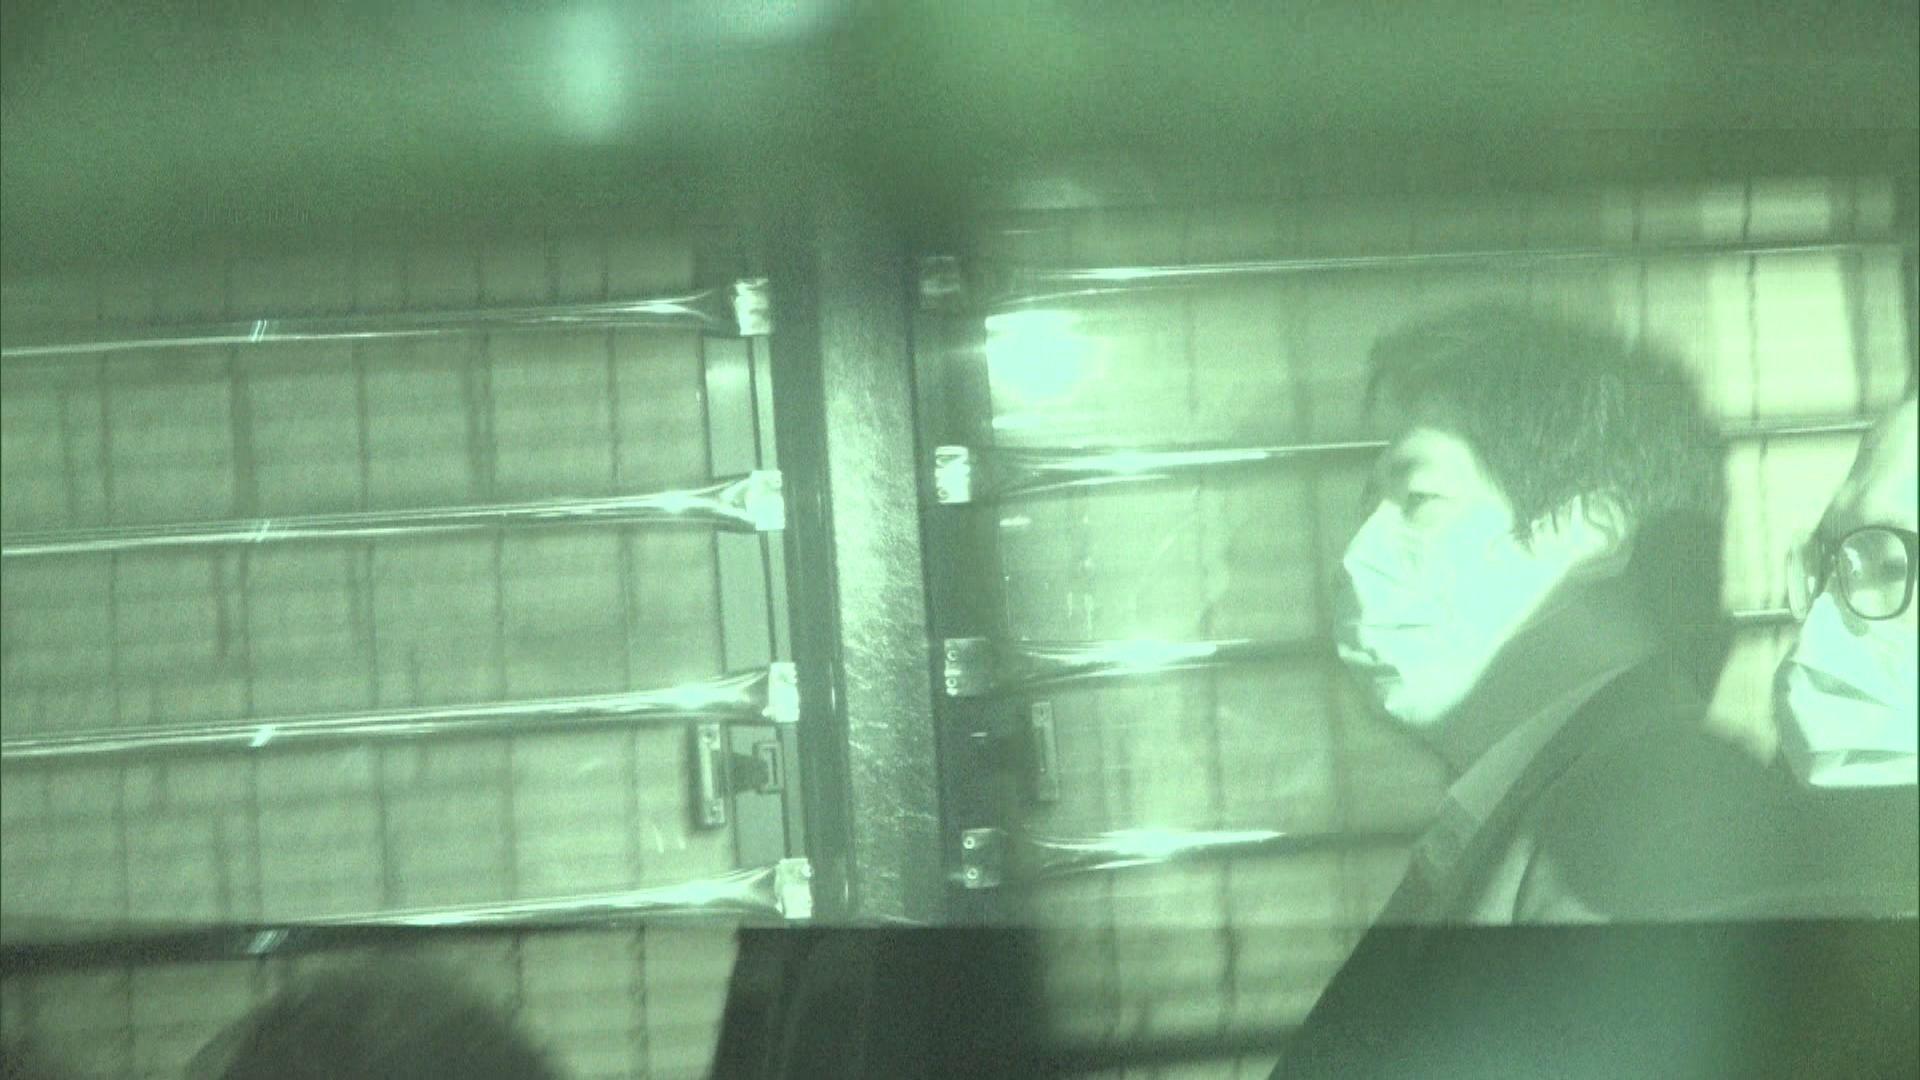 旺角騷亂案兩被告暴動罪成求情